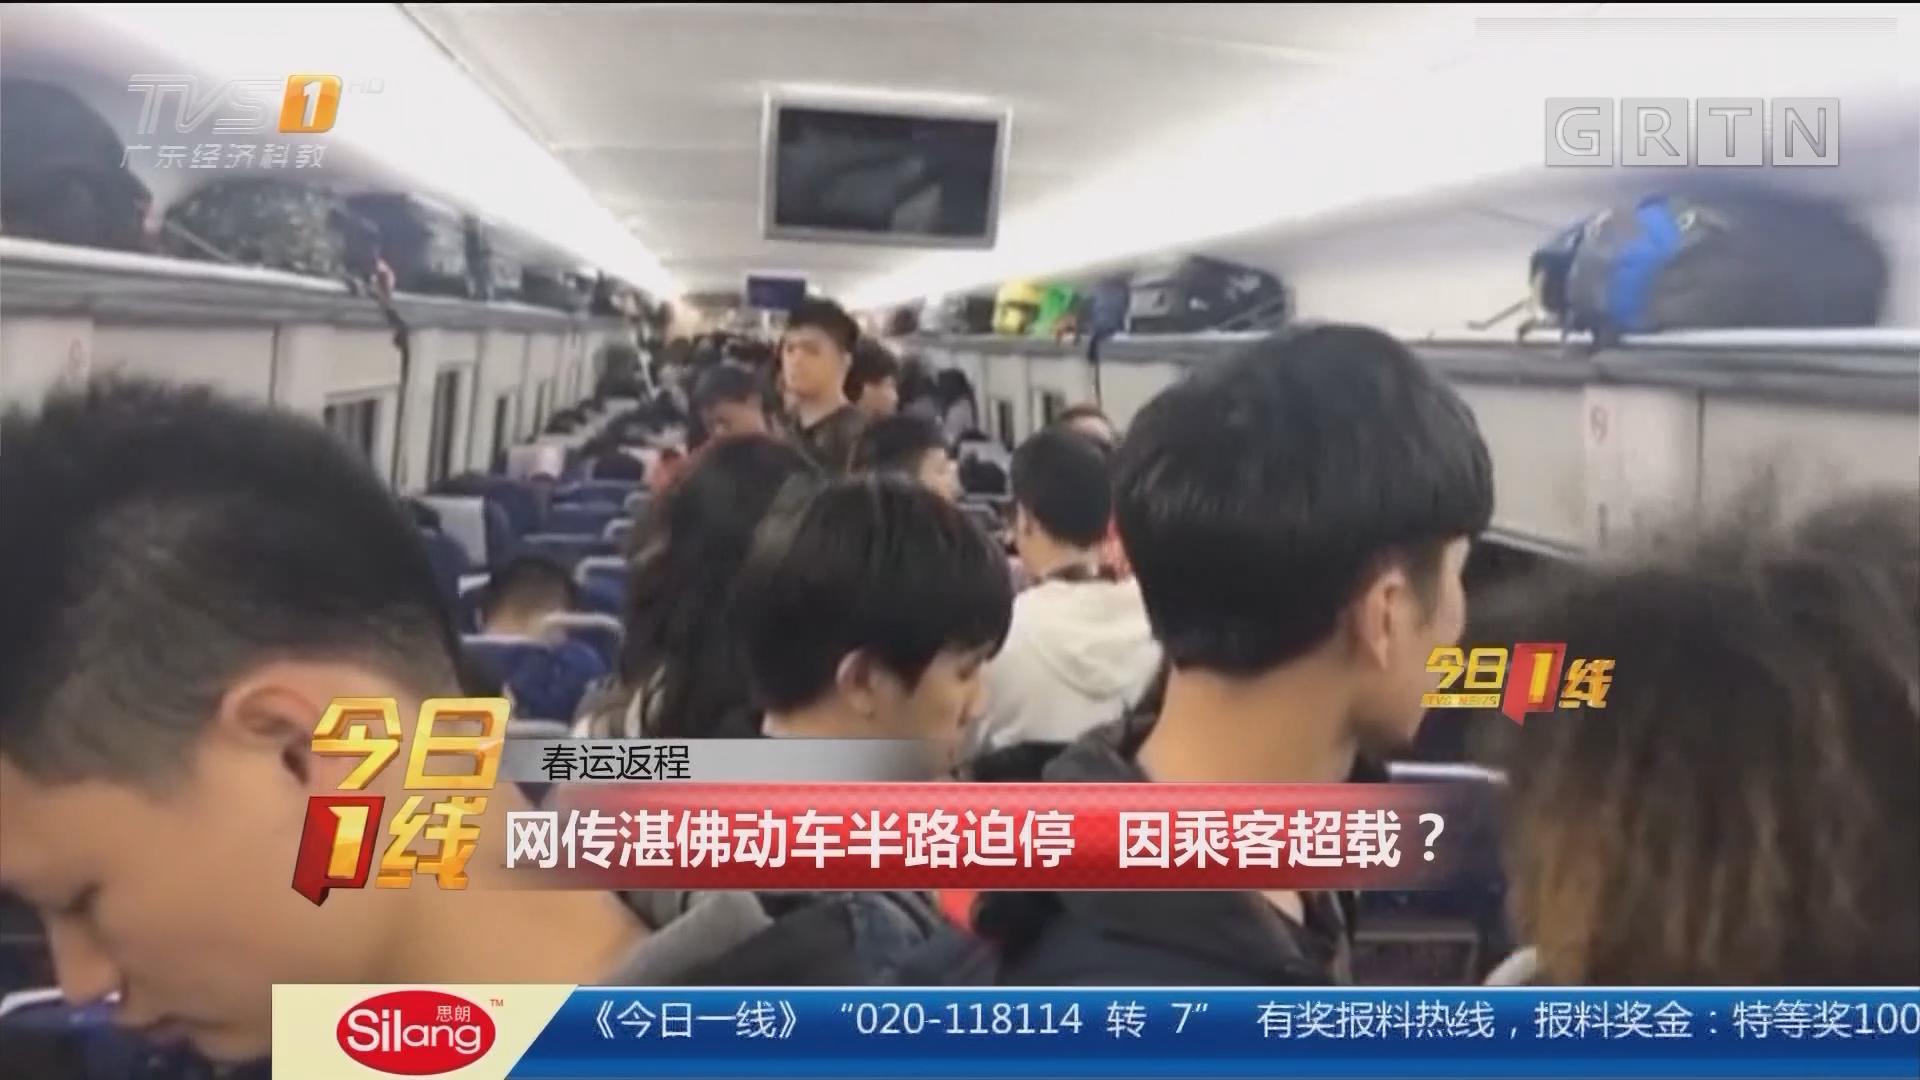 春运返程:网传湛佛动车半路迫停 因乘客超载?